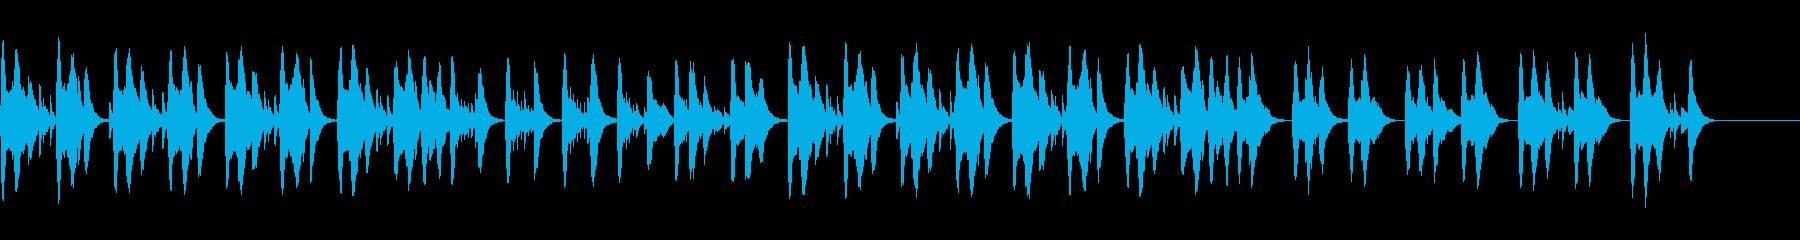 不安や心配を感じさせるオルゴール曲の再生済みの波形